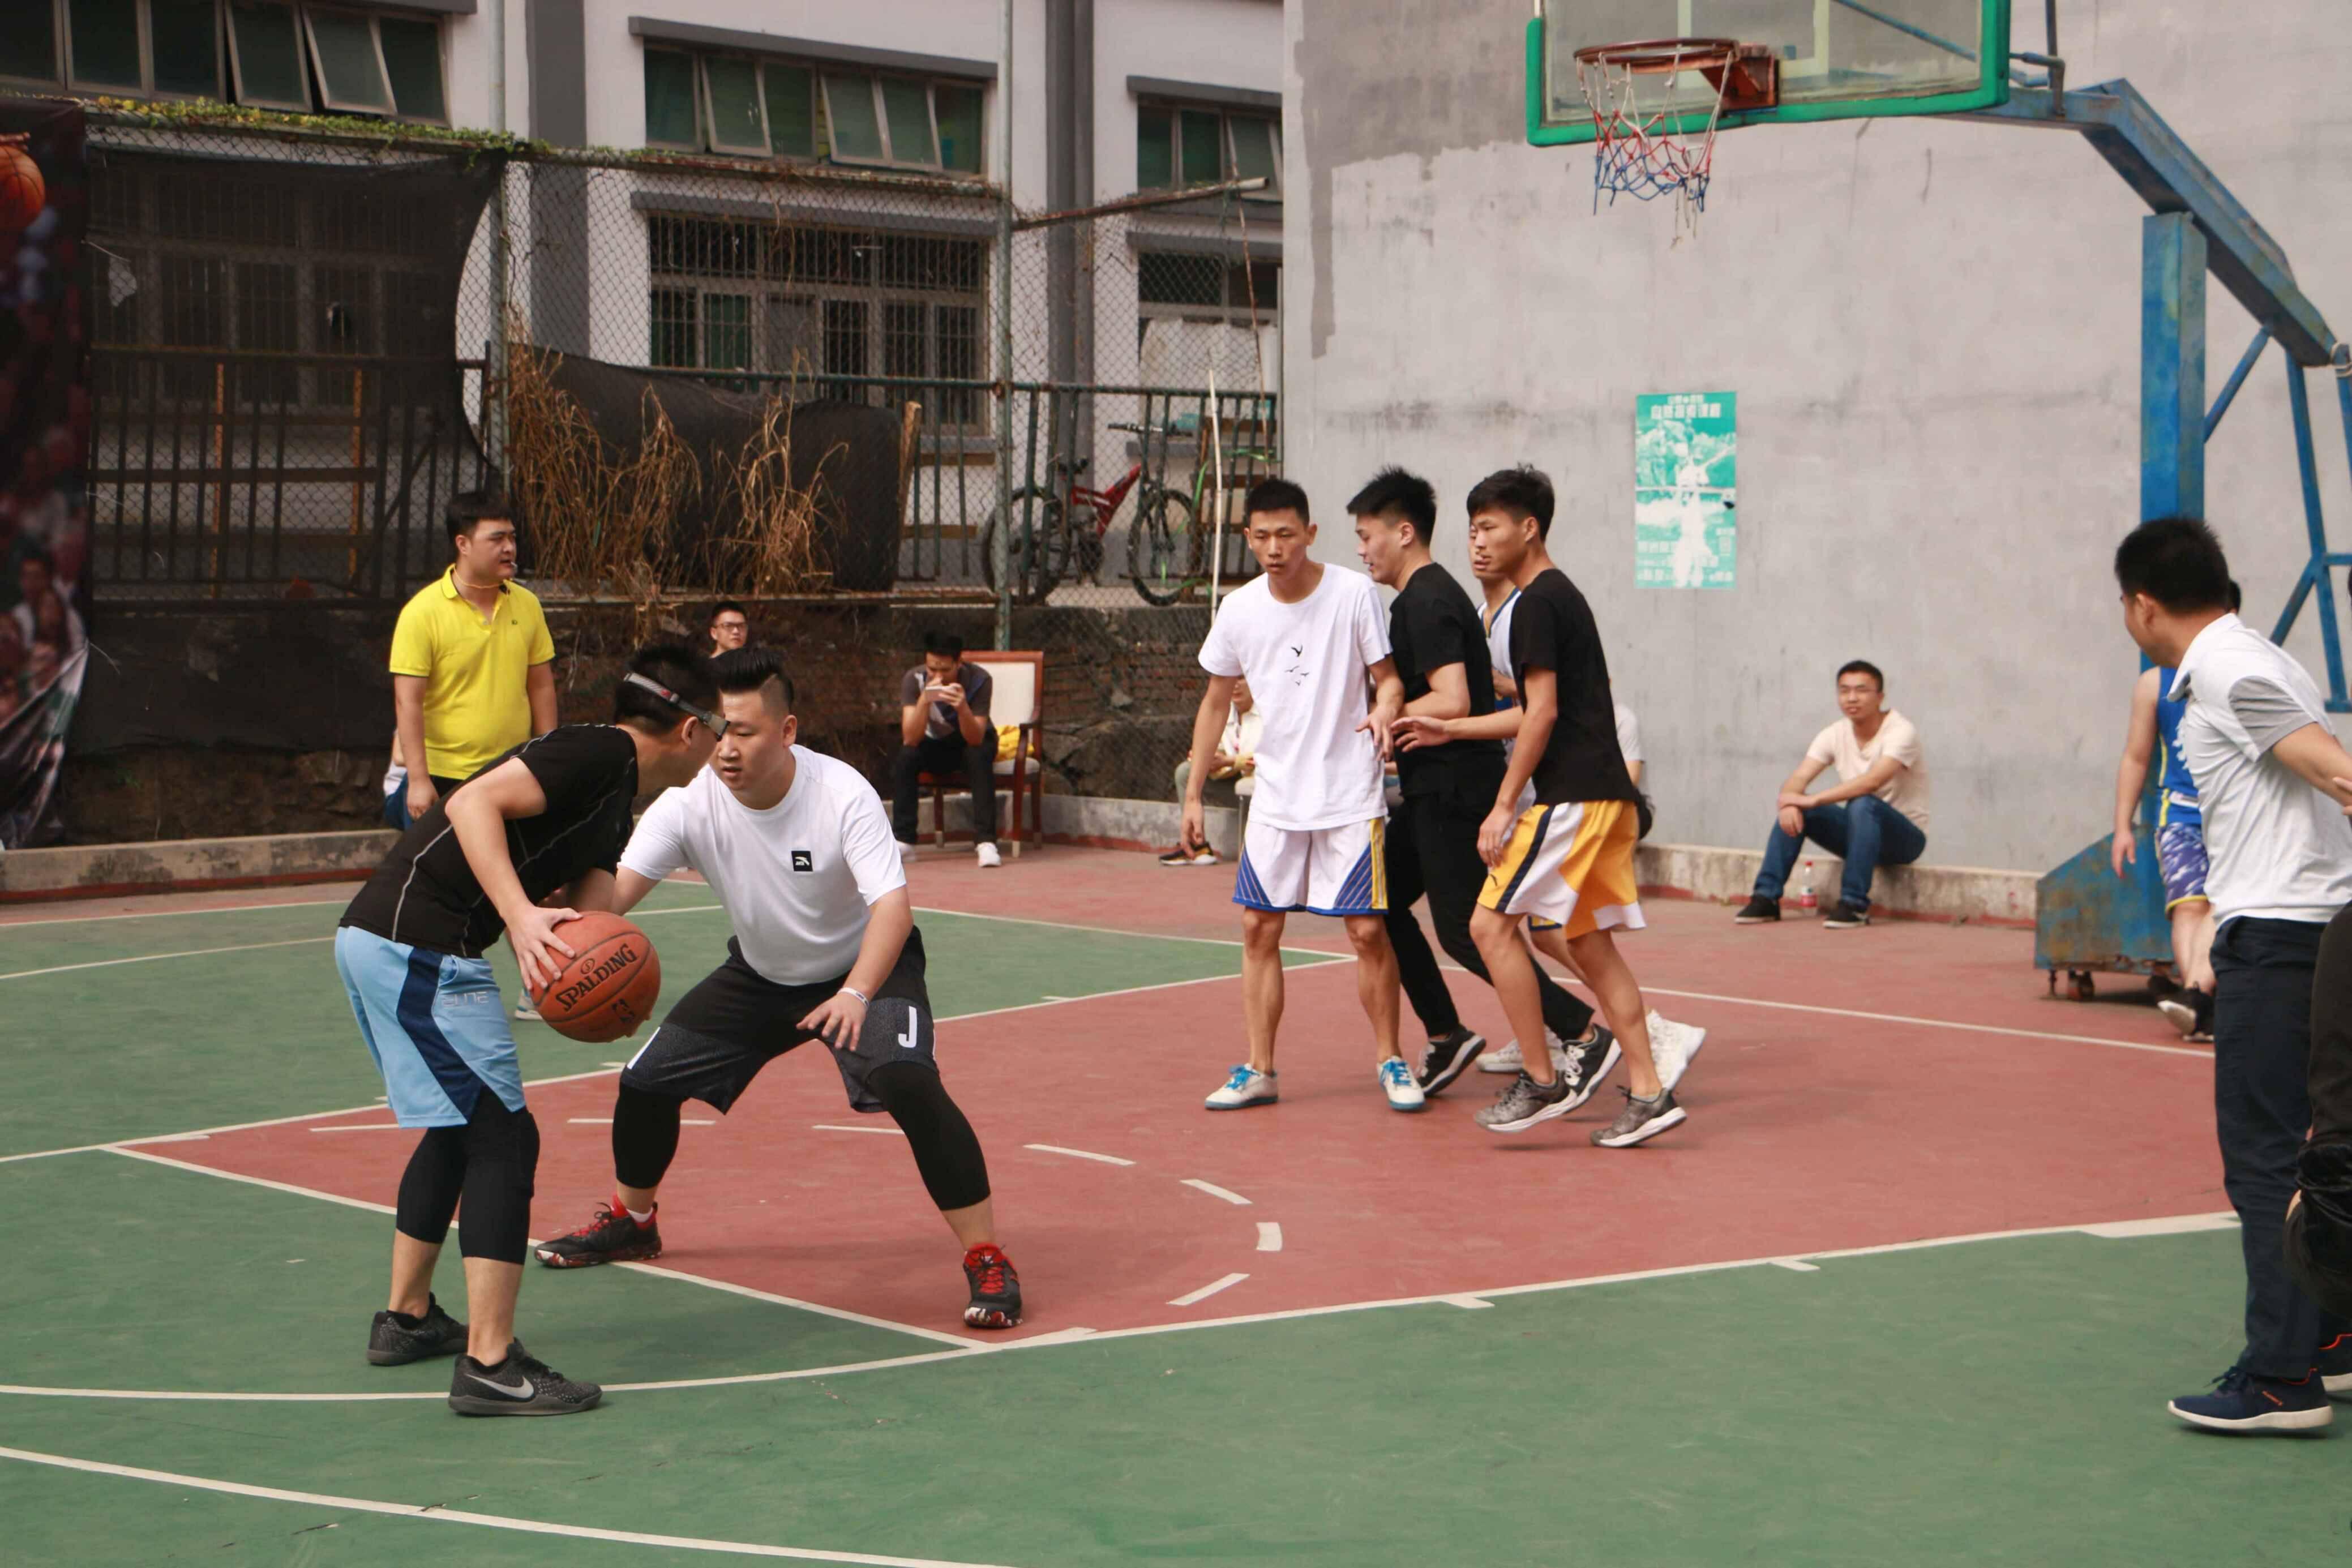 源中瑞篮球比赛开场